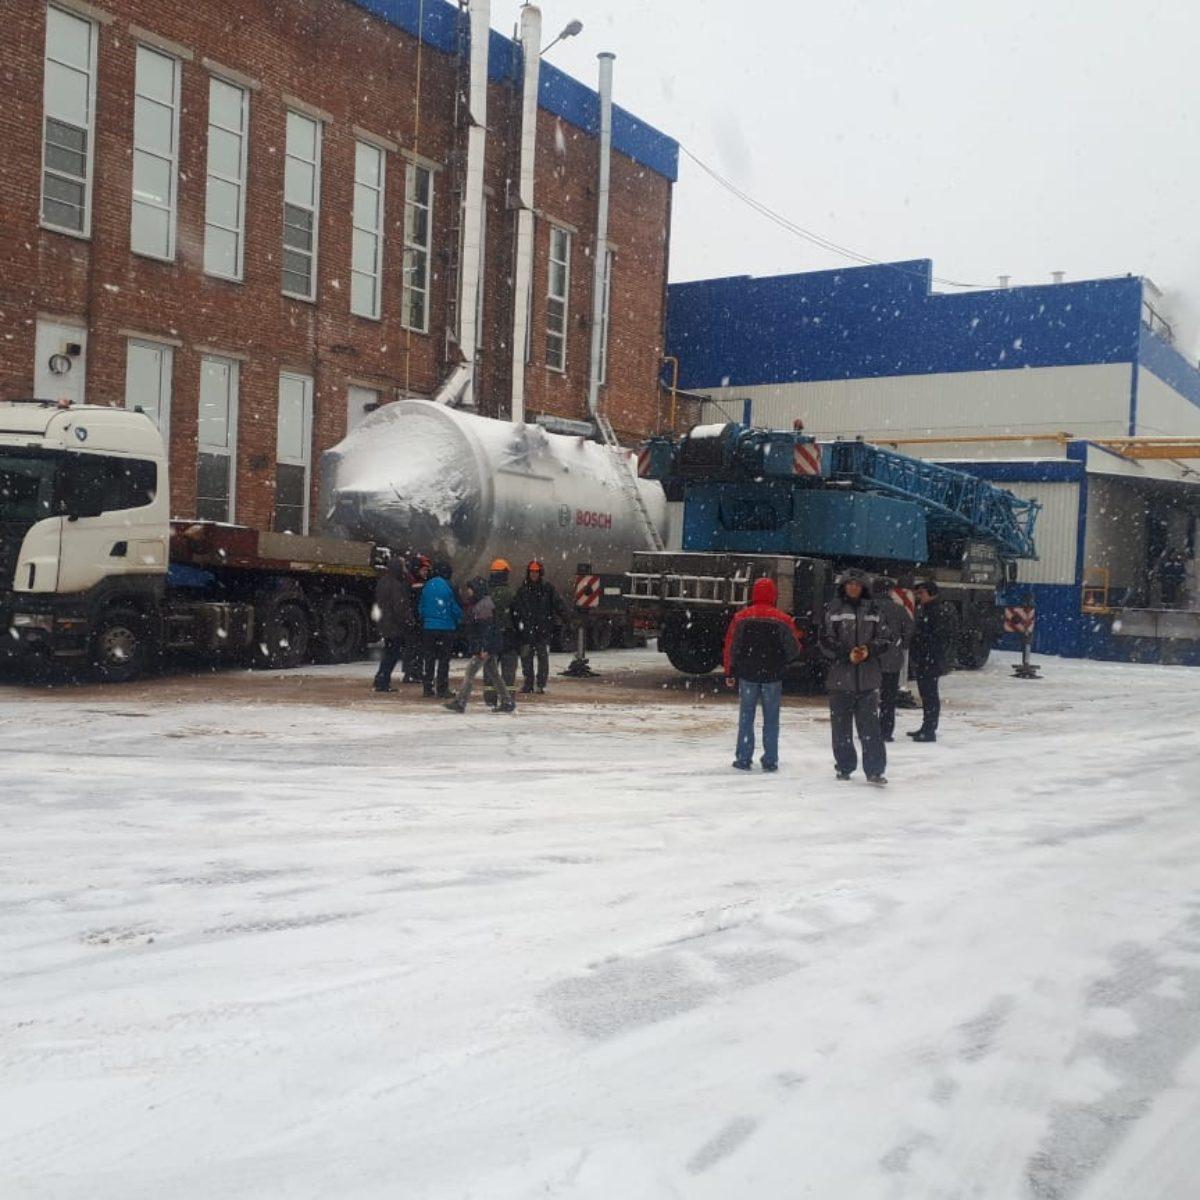 из Италии в СПб привезли 92 тонны